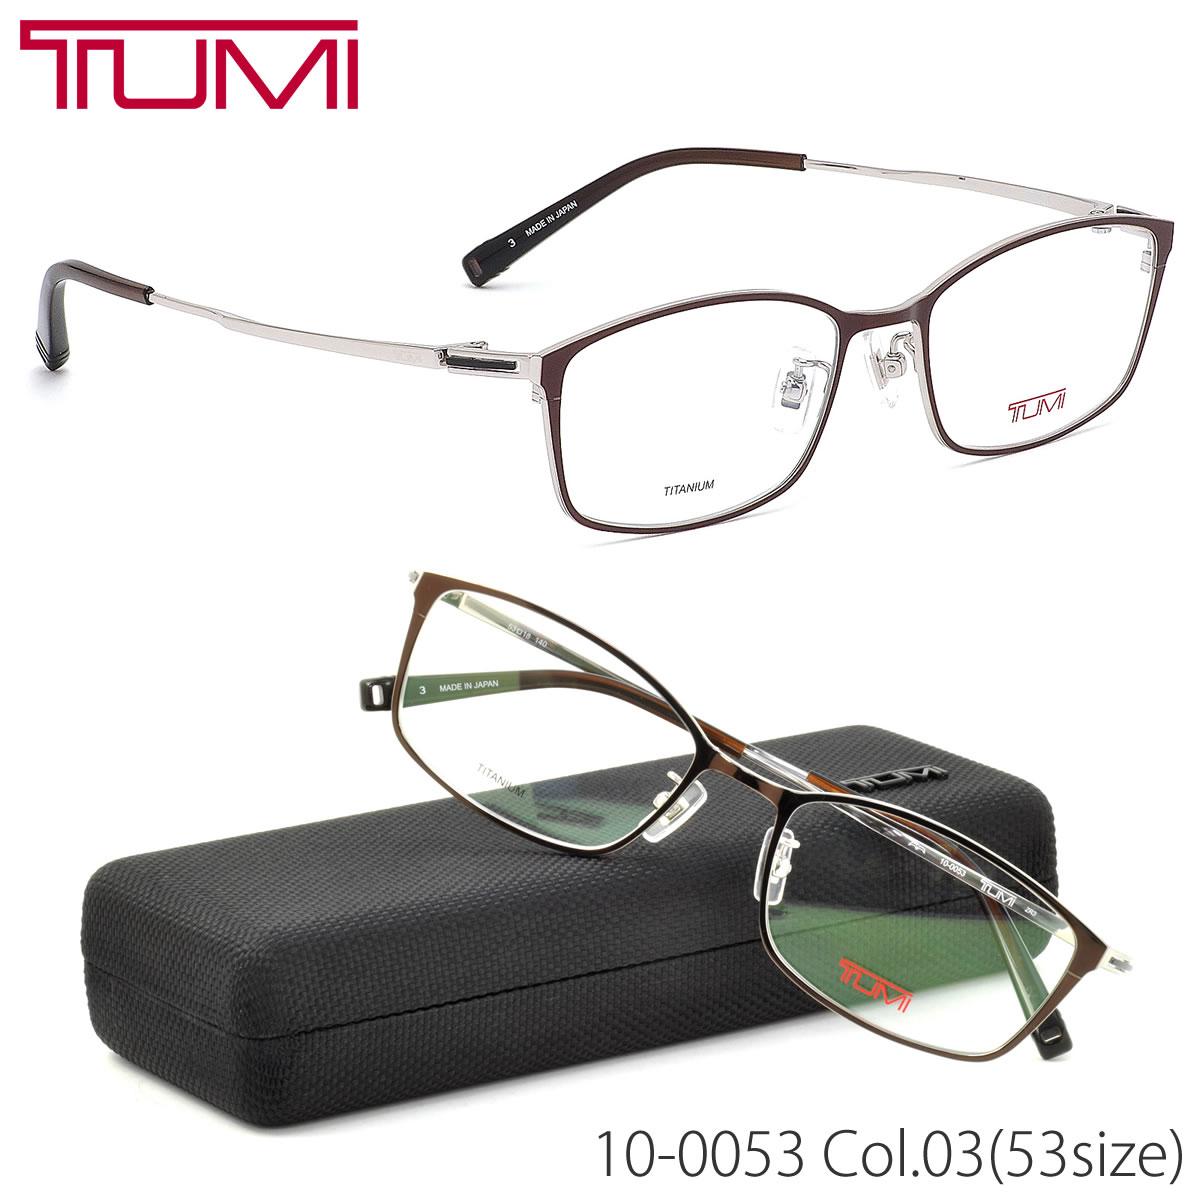 【トゥミ】 (TUMI) メガネ10-0053 03 53サイズスクエア チタン 軽量 TUMI メンズ レディース